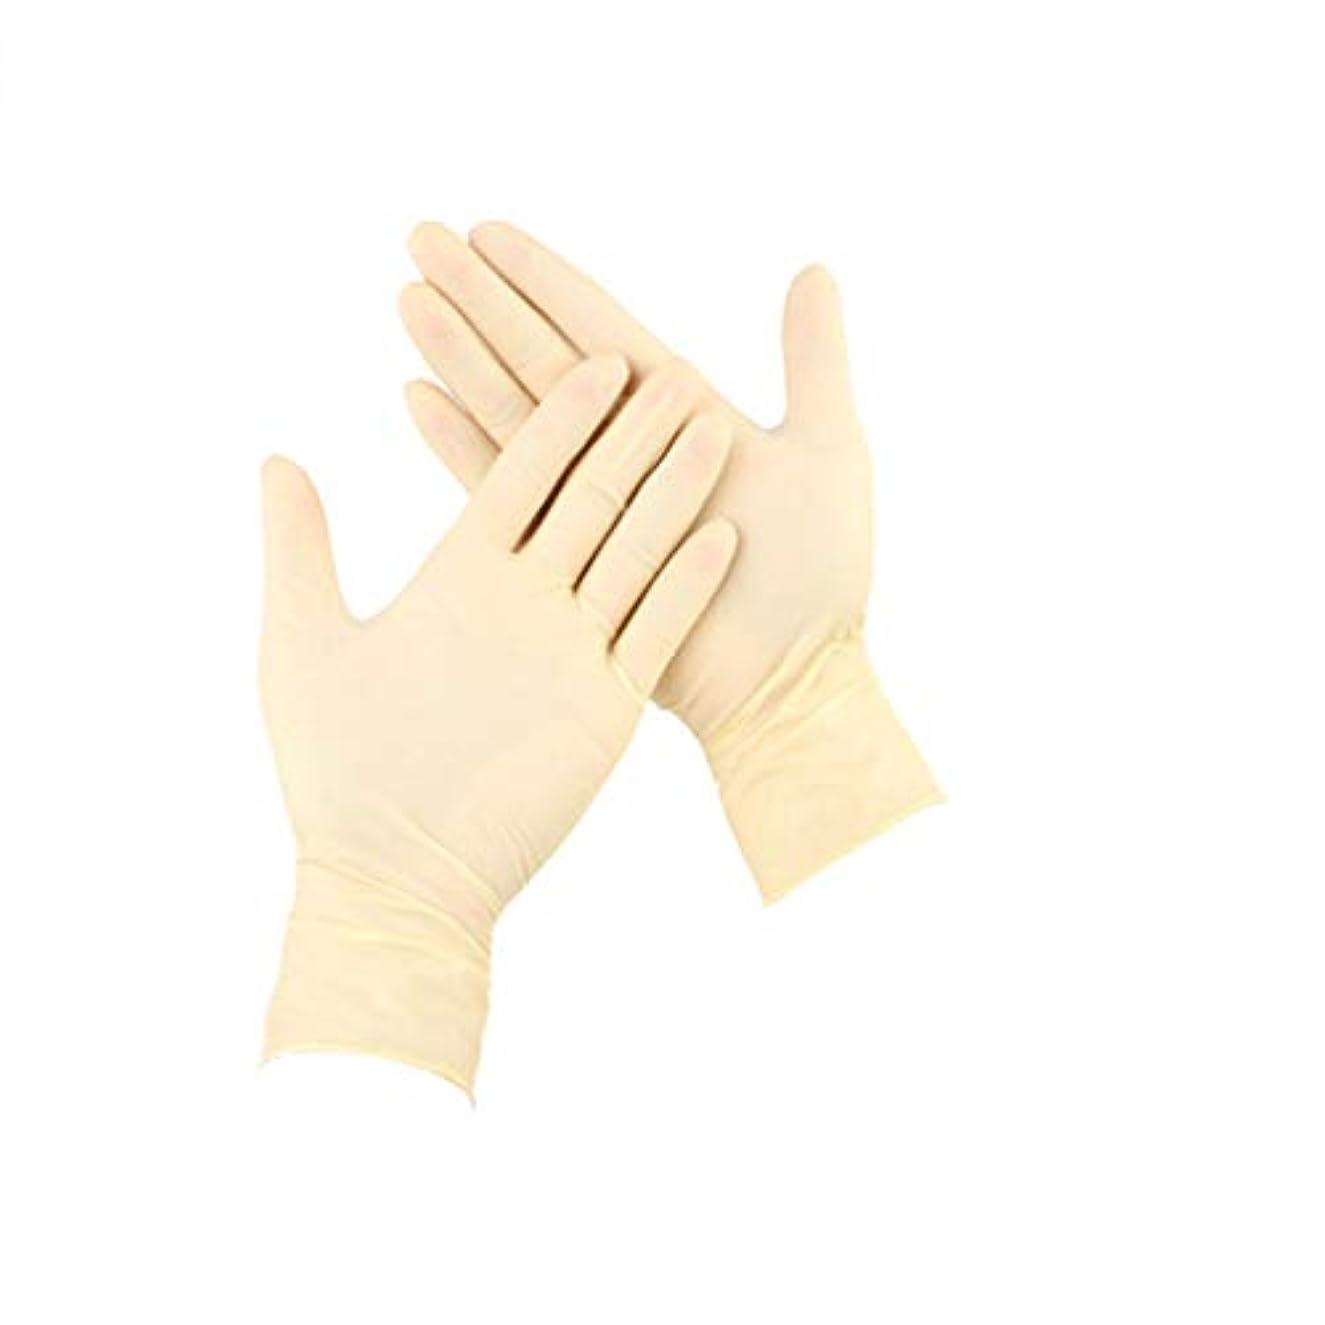 困惑した不十分な方言グローブ使い捨てラテックス手袋ゴム保護手袋は、静電気防止キッチンケータリングクリームイエローラテックス100個をチェックする (サイズ さいず : S s)